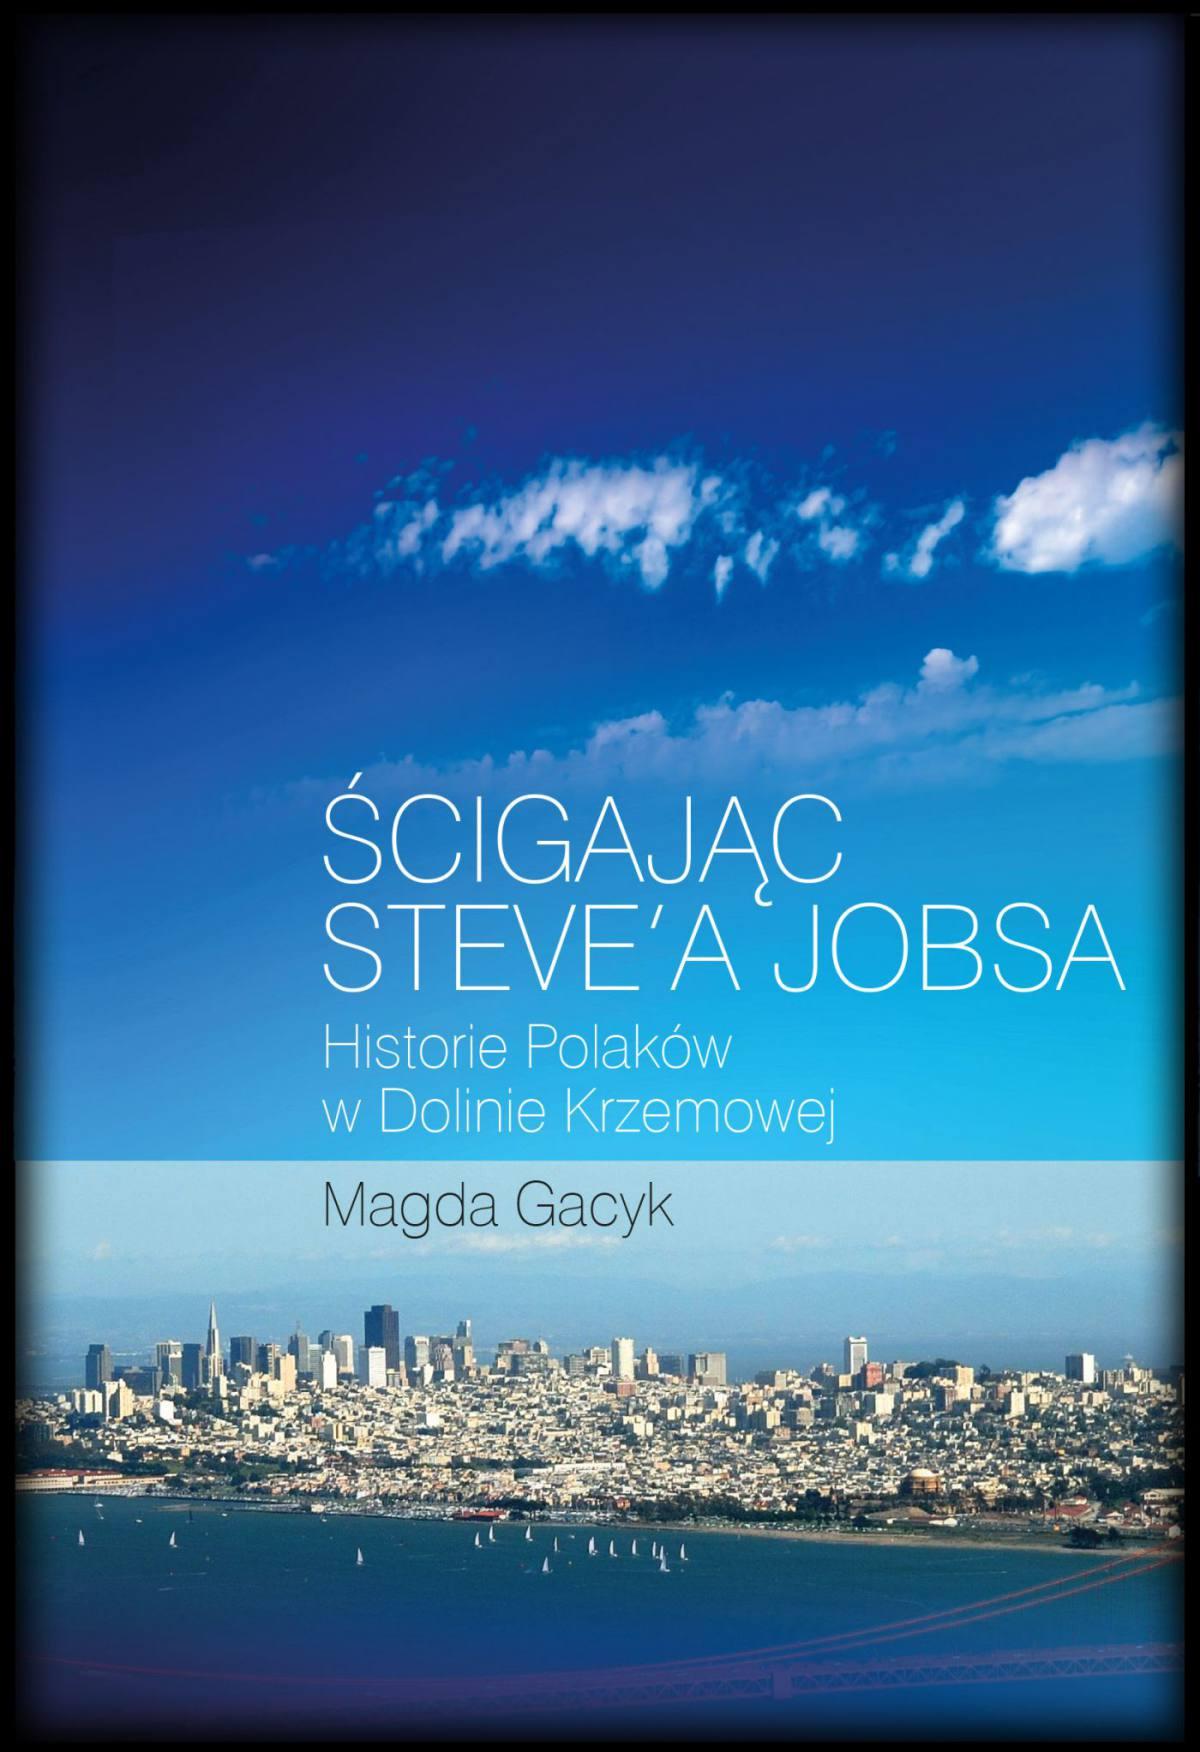 Ścigając Steve'a Jobsa - Ebook (Książka EPUB) do pobrania w formacie EPUB